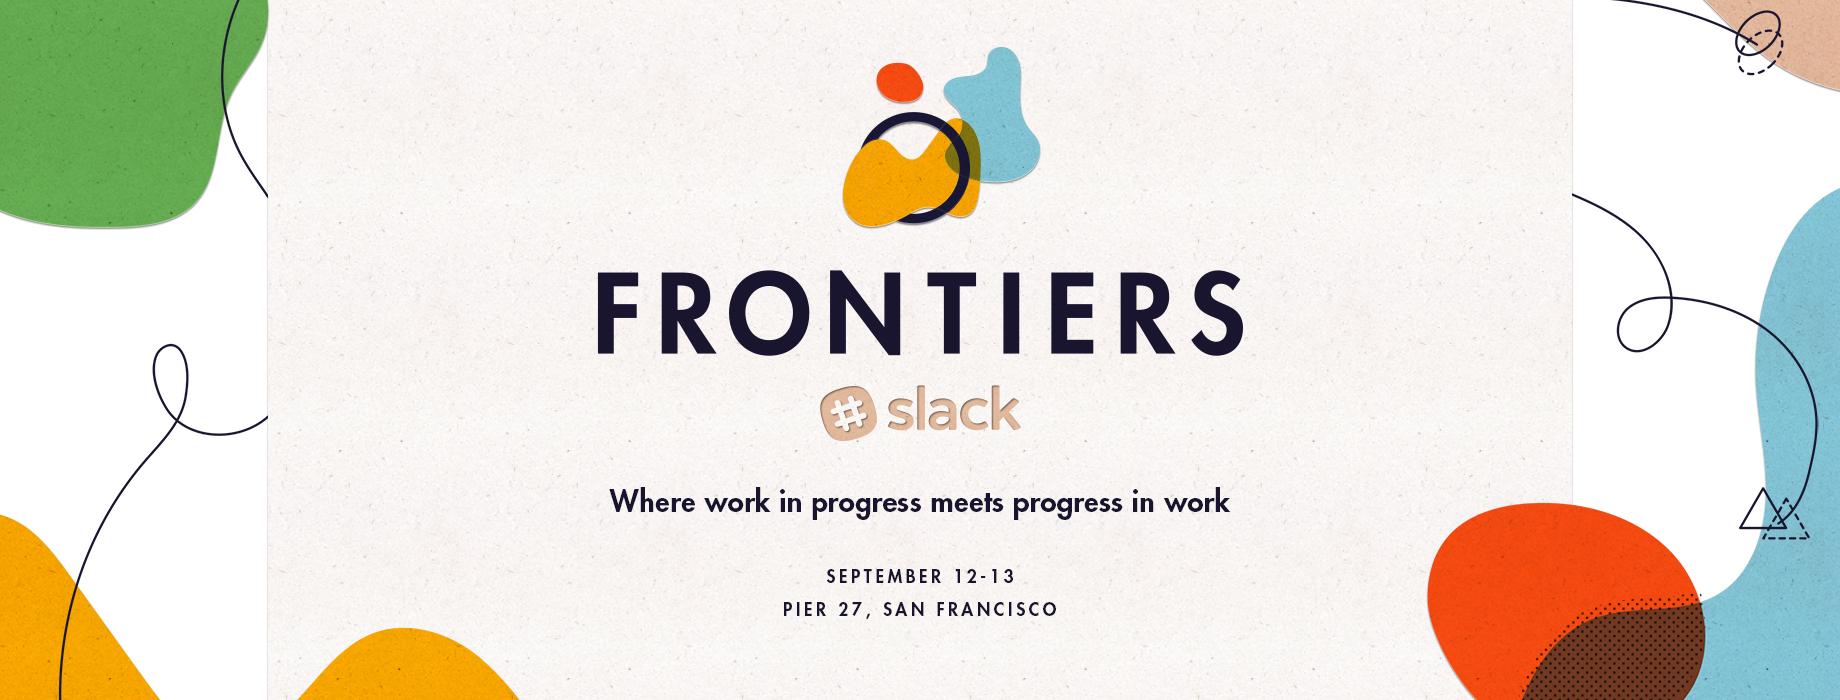 Slack Frontiers 2017